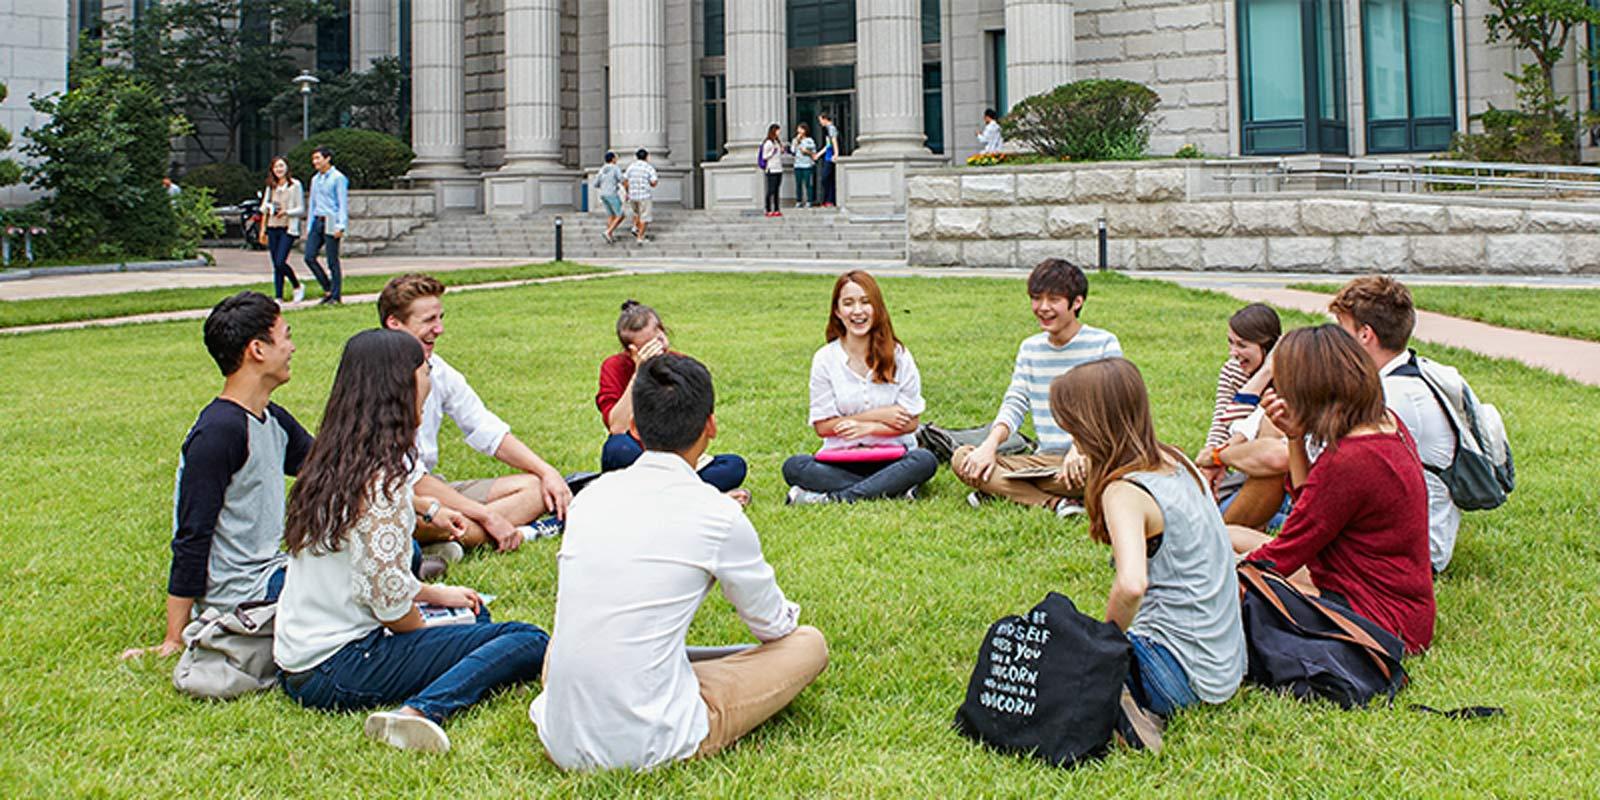 نحوه ورود به دانشگاه های پزشکی کره جنوبی